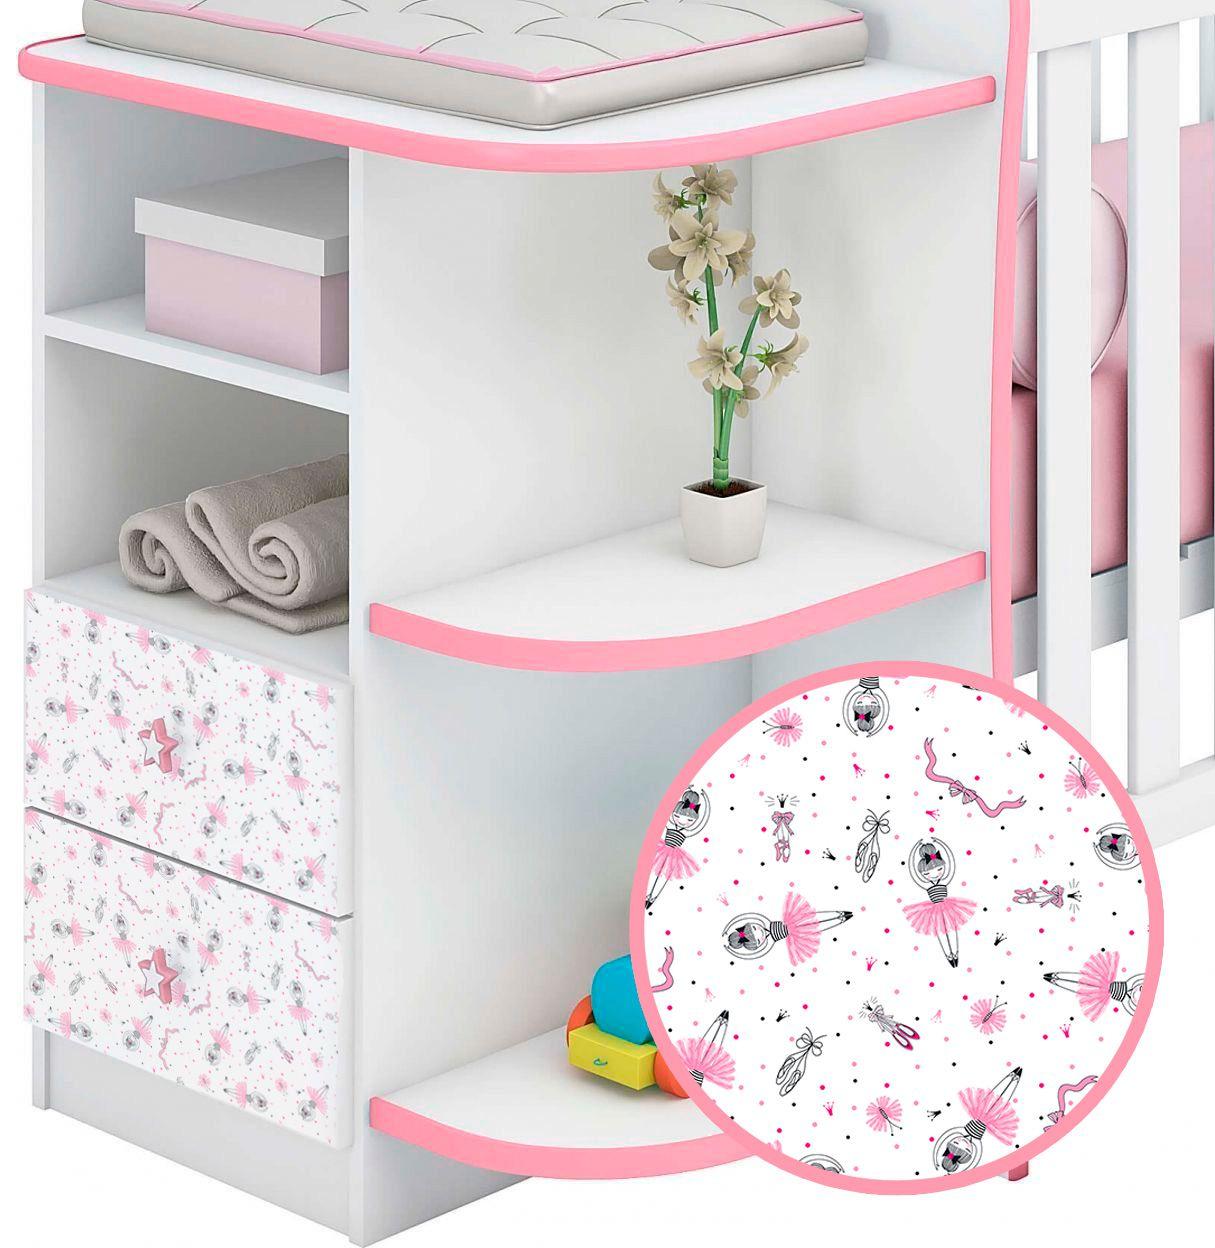 Adesivo Texturizado para Decoração Parede, Móveis e objetos - Infantil Bailarina